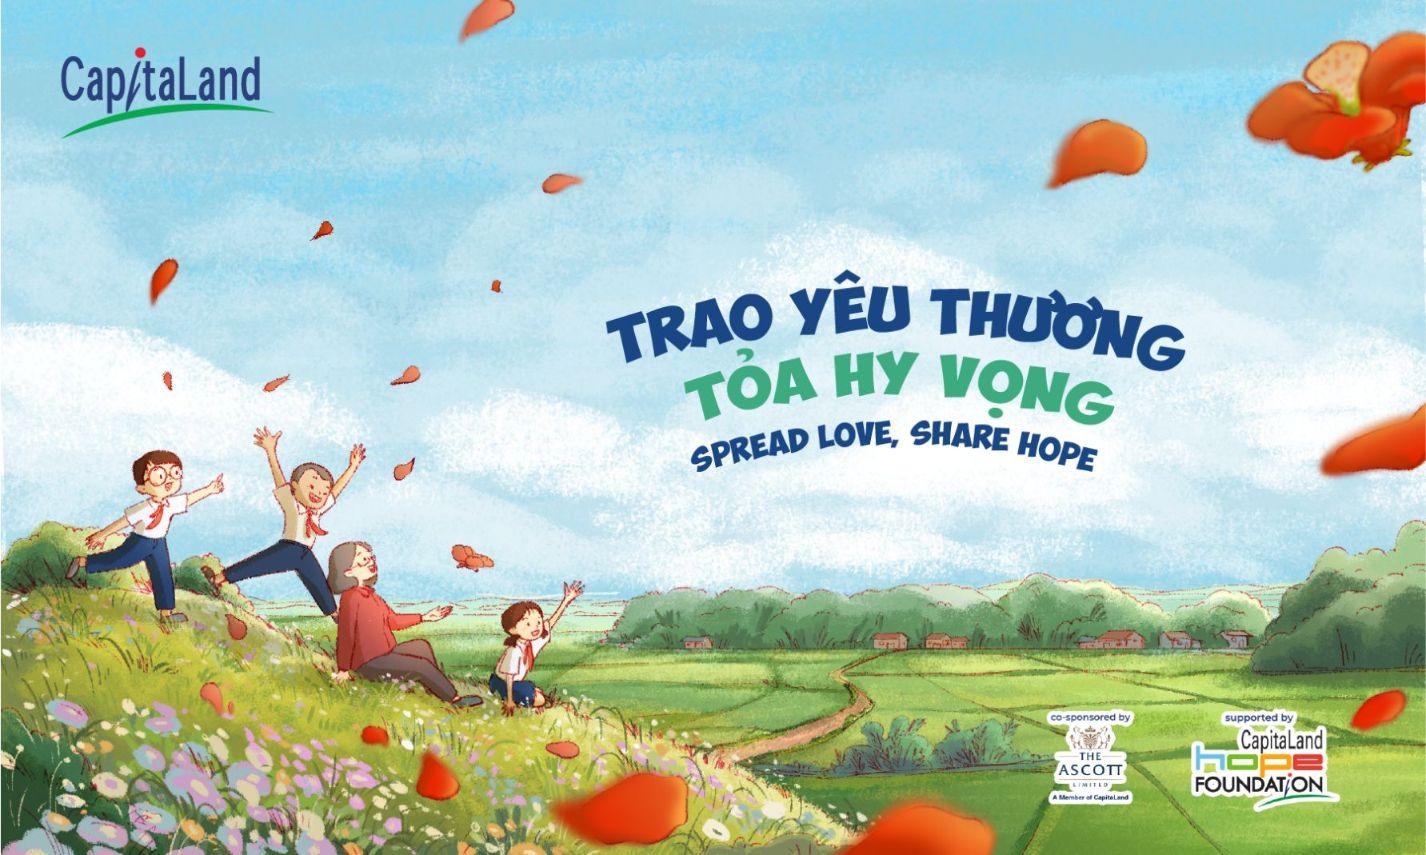 Chien Dich Trao Yeu Thuong Toa Hy Vong Nham Keu Goi Cong Dong Cung Chia Se Thong Diep Y Nghia Huong Toi Viec Ho Tro Giup Do Tre Em Kem May Man 1